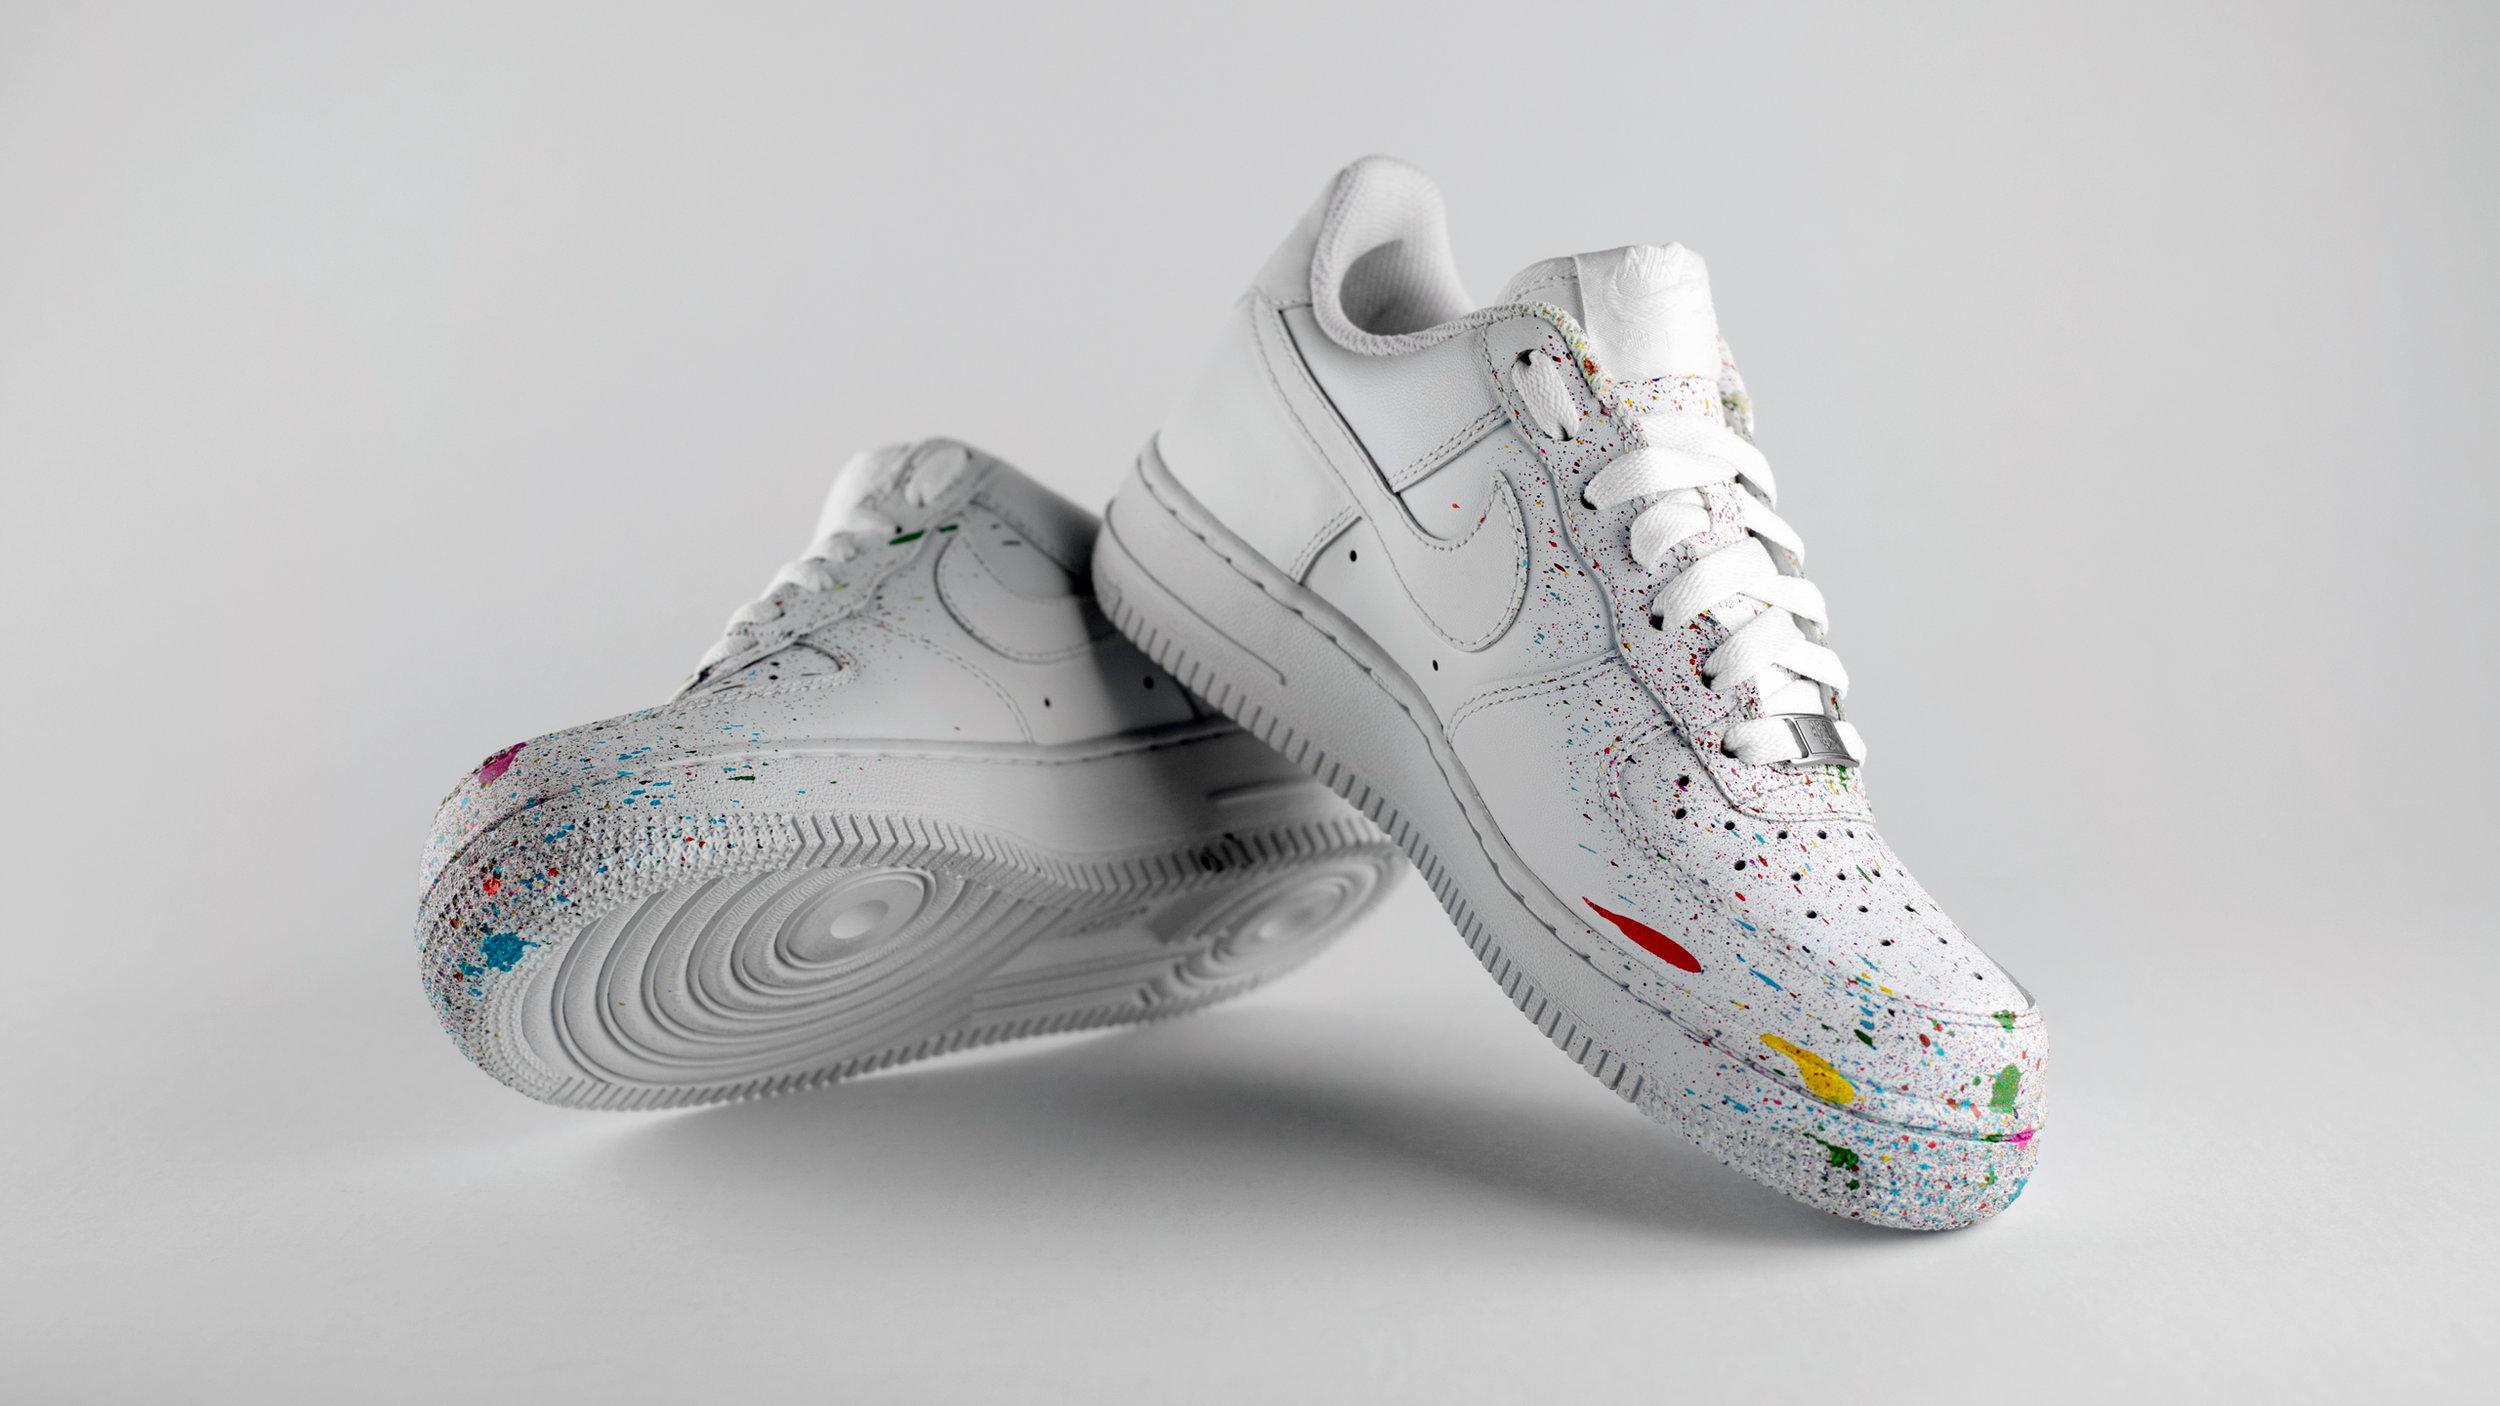 AntonioBrasko-BraskoDesign-Nike-Sportswear-NikeAirForce1-NikeAF1-Sneaker-Footwear-Streetwear-Style-Graffiti-Art-Design-PaintDrip.jpg